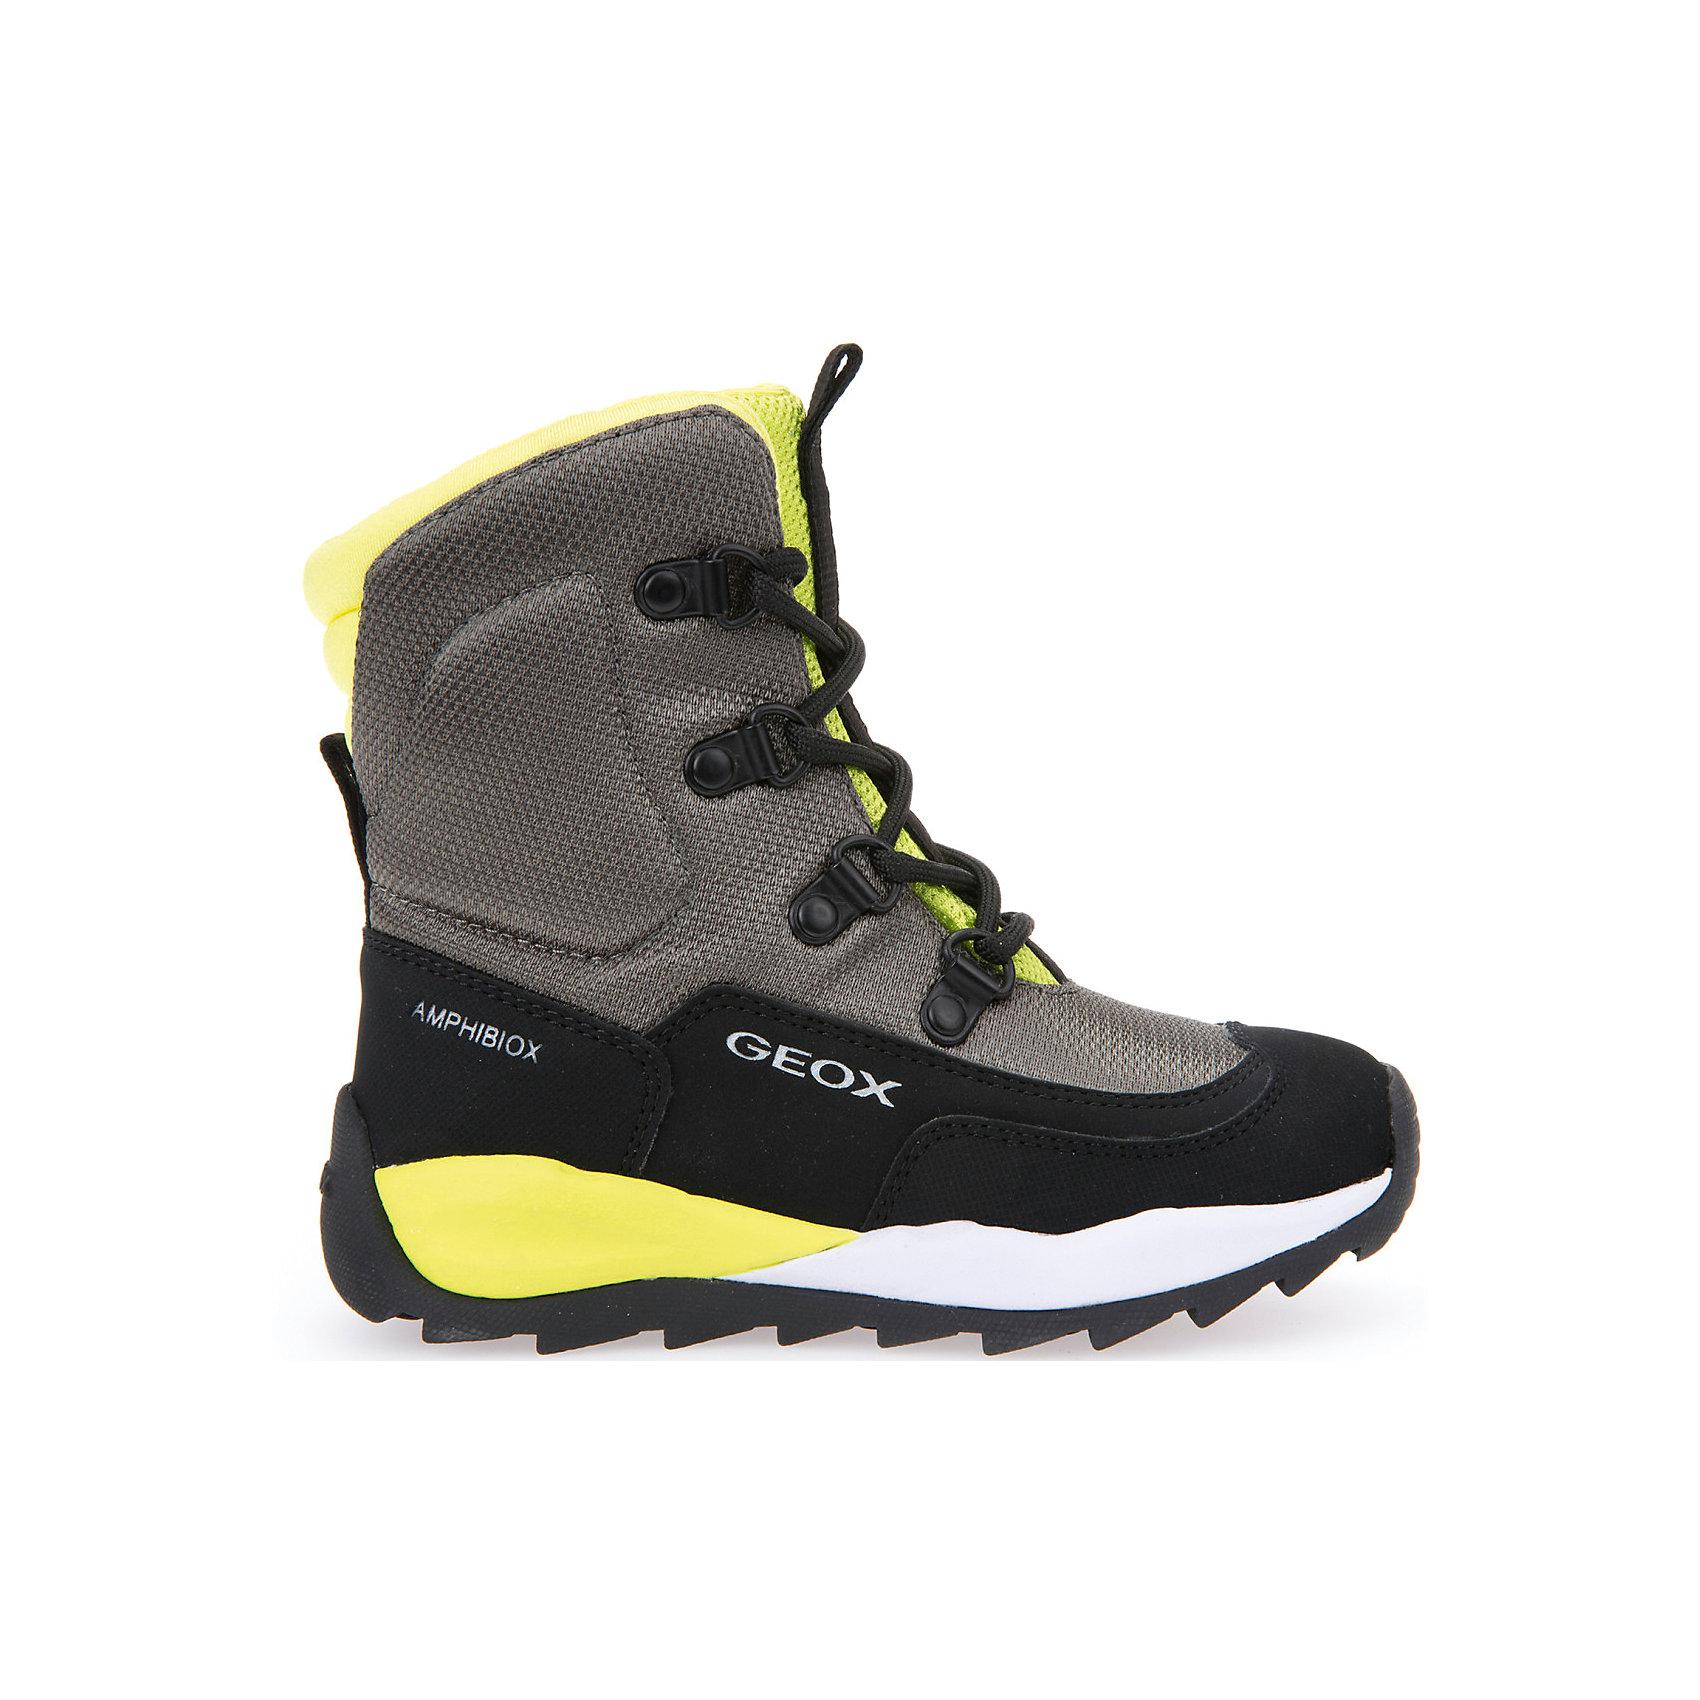 Полусапоги  GEOXПолусапоги GEOX (ГЕОКС)<br>Полусапоги от GEOX (ГЕОКС), выполненные из искусственного нубука и прочного текстиля, идеально подходят для холодной погоды. Плотная мягкая подкладка из искусственного меха согревает чувствительные детские ноги. Текстильная стелька улучшает тепловое сопротивление в холодных условиях, повышая температуру внутри обуви. Влага не застаивается в обуви, благодаря чему создается идеальный микроклимат, который держит ноги теплыми и сухими, и позволяет им дышать естественно. Колодка соответствует анатомическим особенностям строения детской стопы. Качественная амортизация снижает нагрузку на суставы. Запатентованная гибкая перфорированная подошва со специальной микропористой мембраной обеспечивает естественное дыхание обуви, не пропускает воду, не скользит. Модель имеет усиленный мыс и функциональную шнуровку.<br><br>Дополнительная информация:<br><br>- Сезон: зима<br>- Цвет: черный, серый, желтый<br>- Материал верха: искусственный нубук, текстиль<br>- Внутренний материал: искусственный мех<br>- Материал стельки: текстиль<br>- Материал подошвы: резина<br>- Тип застежки: шнуровка<br>- Высота голенища/задника: 11 см.<br>- Технология Amphibiox<br>- Материалы и продукция прошли специальную проверку T?V S?D, на отсутствие веществ, опасных для здоровья покупателей<br><br>Полусапоги GEOX (ГЕОКС) можно купить в нашем интернет-магазине.<br><br>Ширина мм: 257<br>Глубина мм: 180<br>Высота мм: 130<br>Вес г: 420<br>Цвет: разноцветный<br>Возраст от месяцев: 96<br>Возраст до месяцев: 108<br>Пол: Мужской<br>Возраст: Детский<br>Размер: 32,31,27,30,29,28,34,33<br>SKU: 4968278